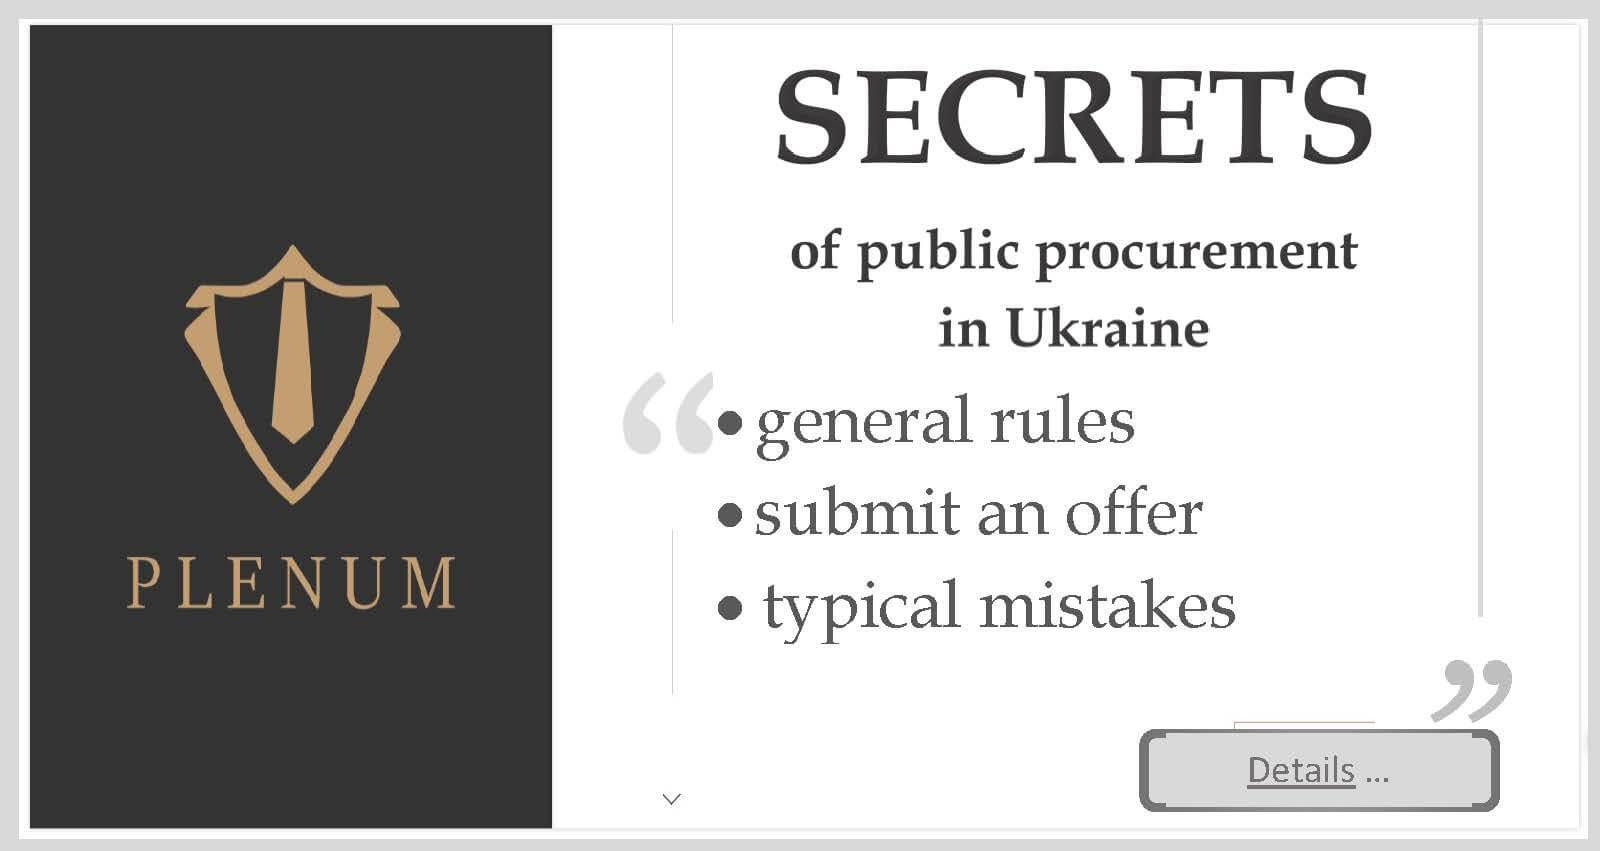 Secrets of public procurement in Ukraine